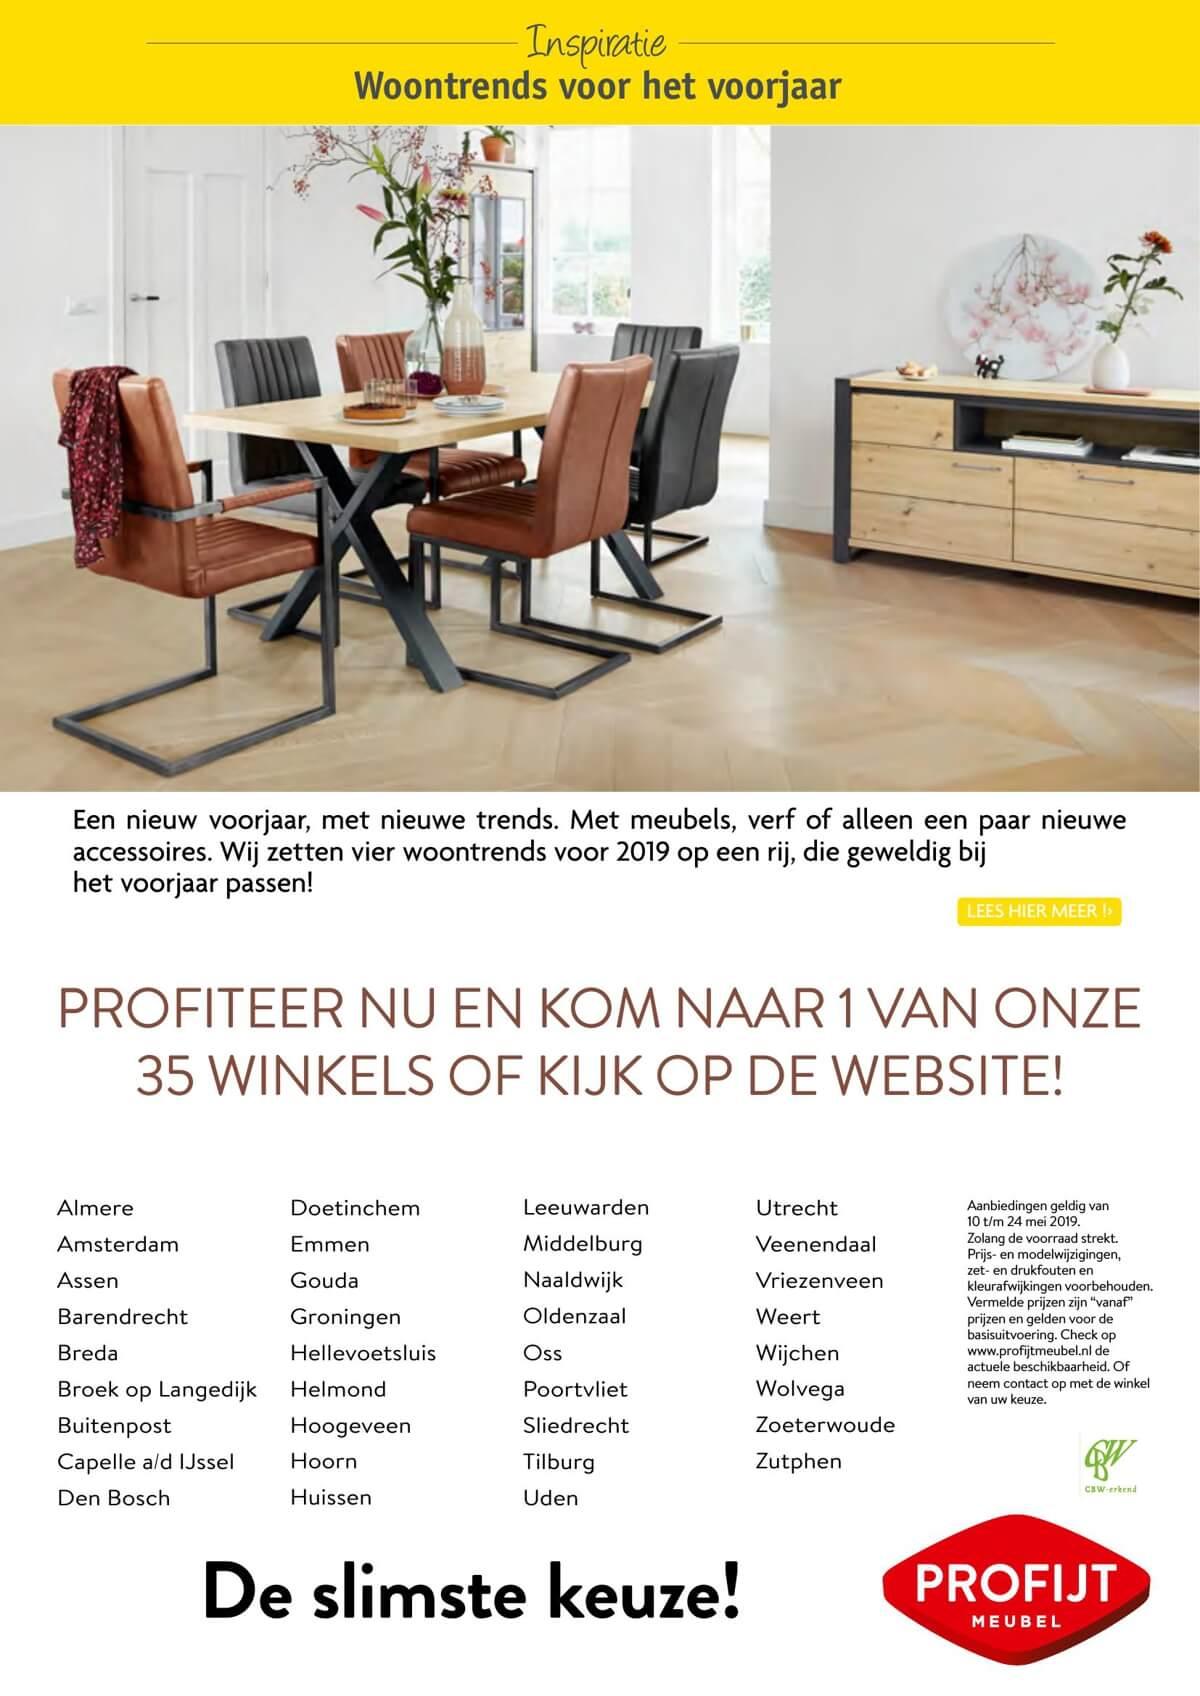 Profijt Meubels Groningen.Actuele Profijt Meubel Folder